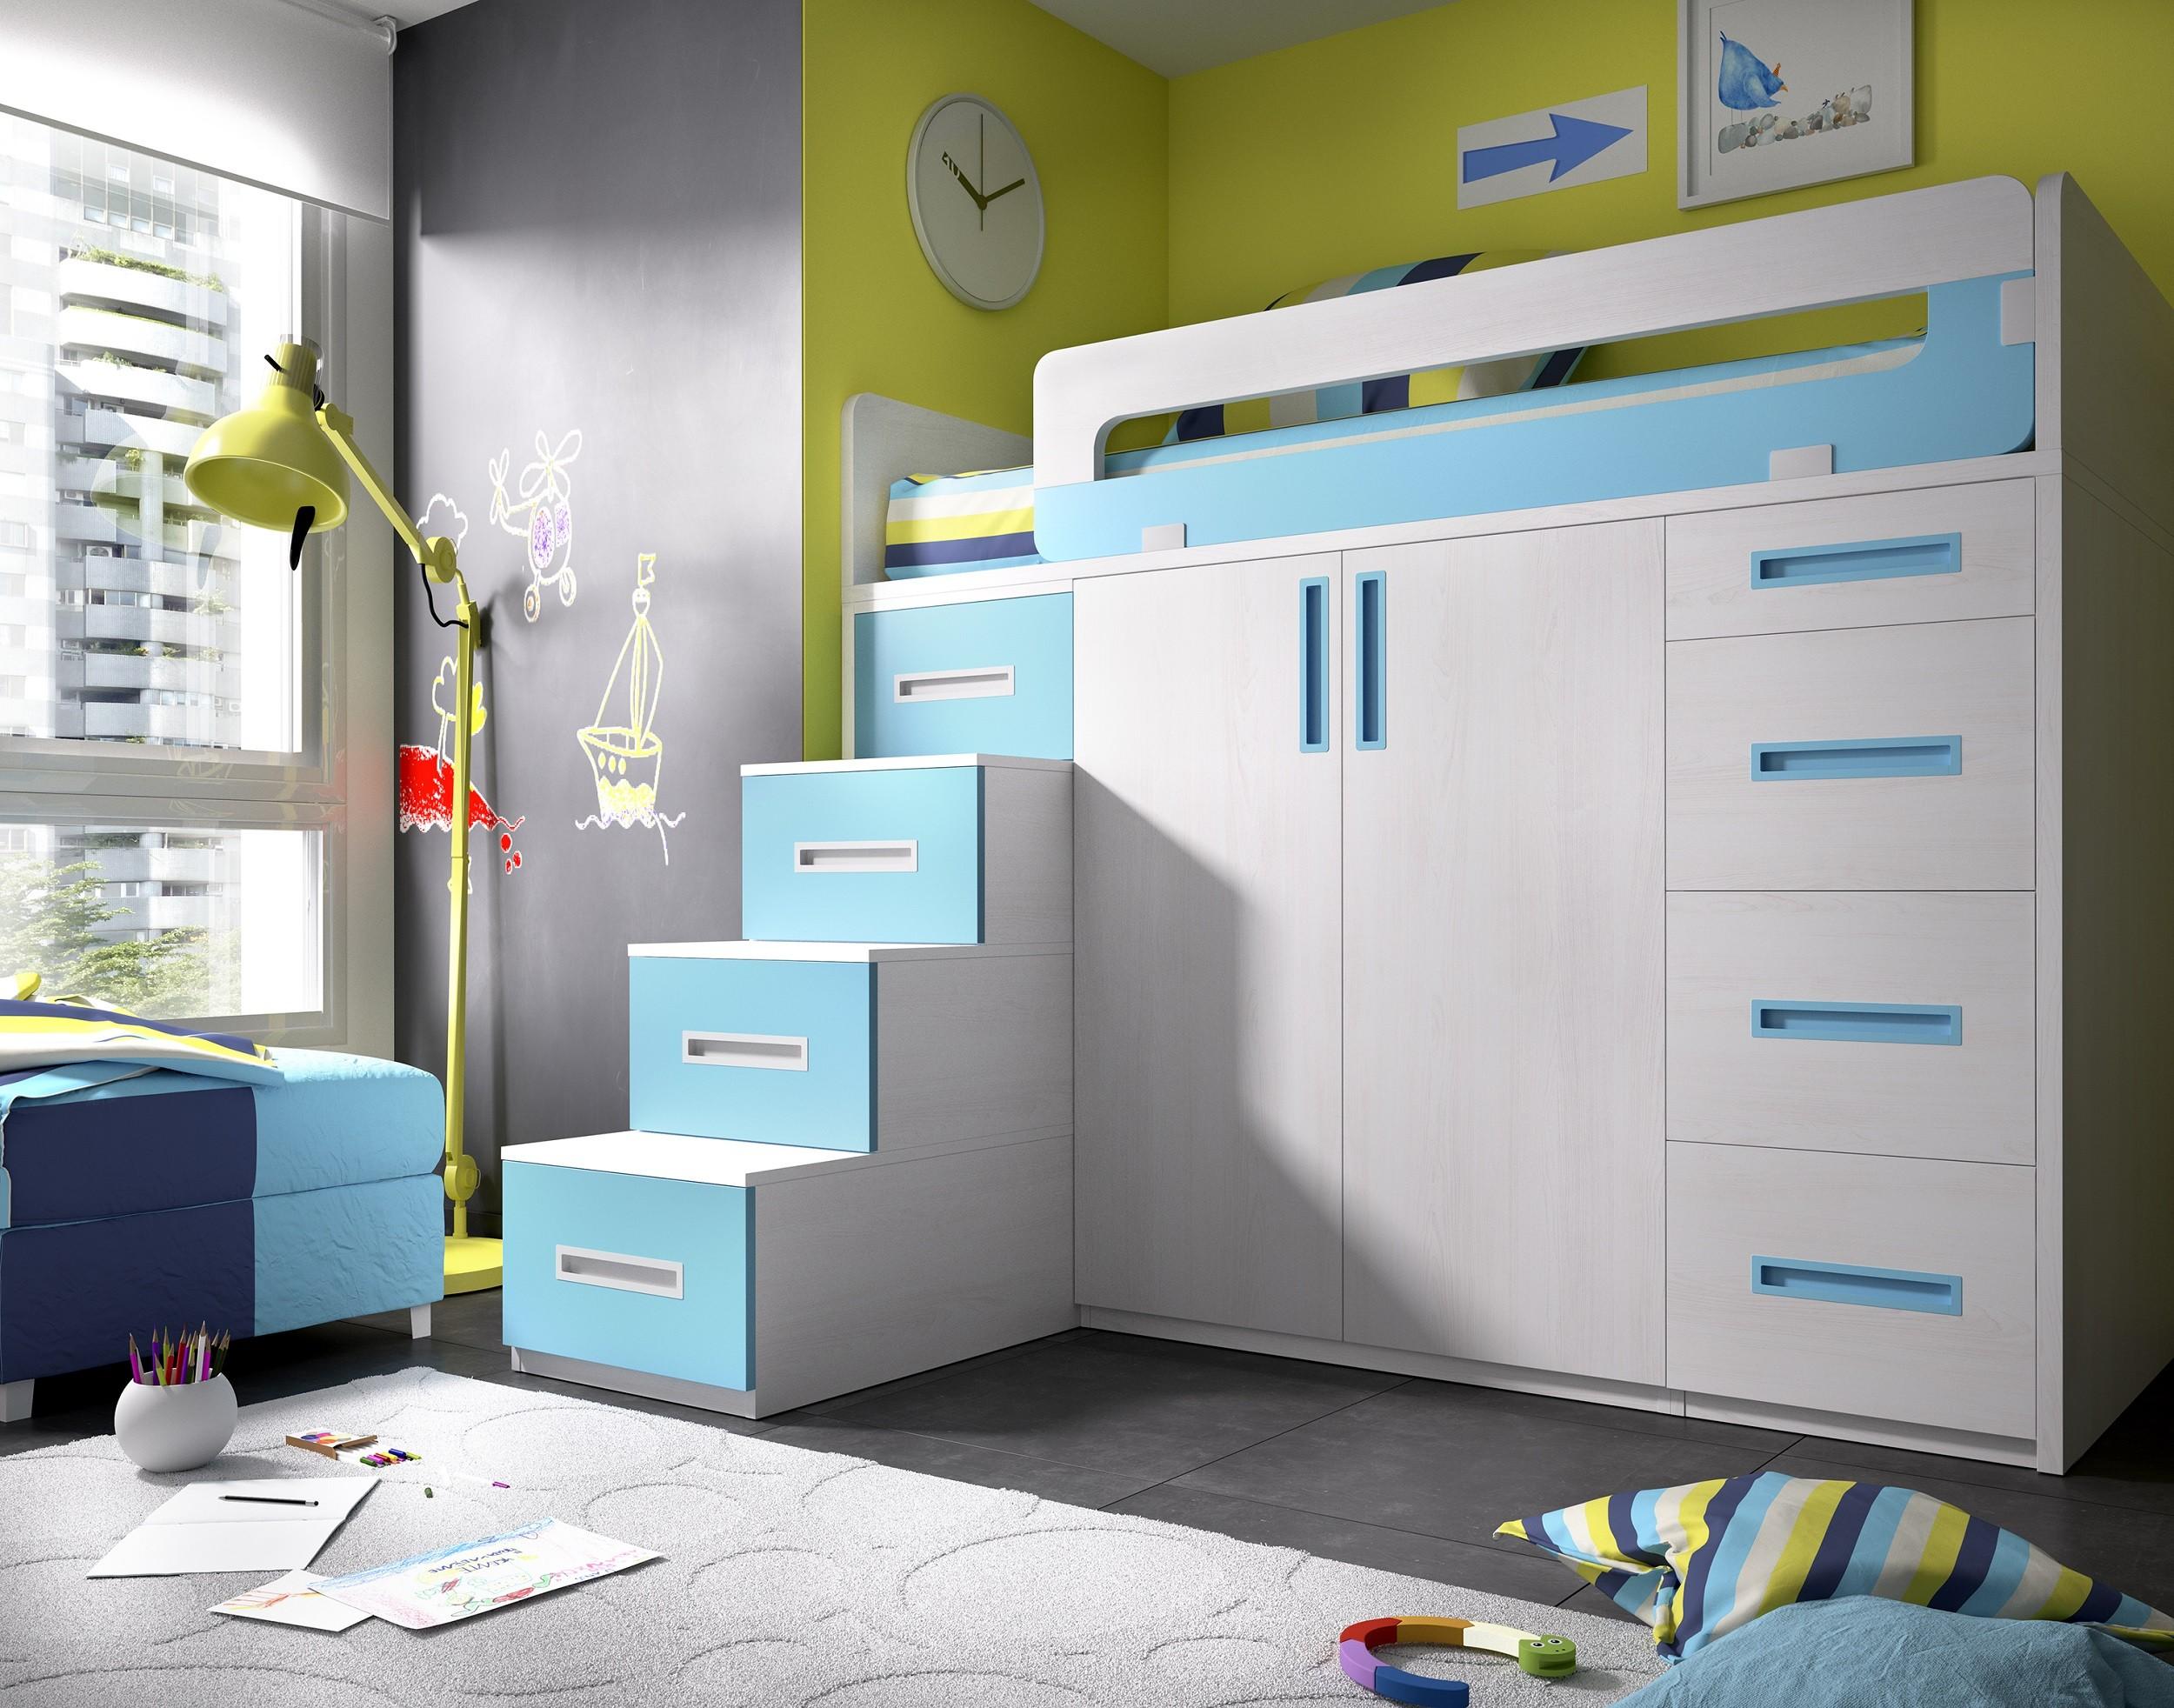 Full Size of Hochbetten Kinderzimmer Hochbett Jump 322 Und Jugendzimmer Sets Regale Sofa Regal Weiß Kinderzimmer Hochbetten Kinderzimmer